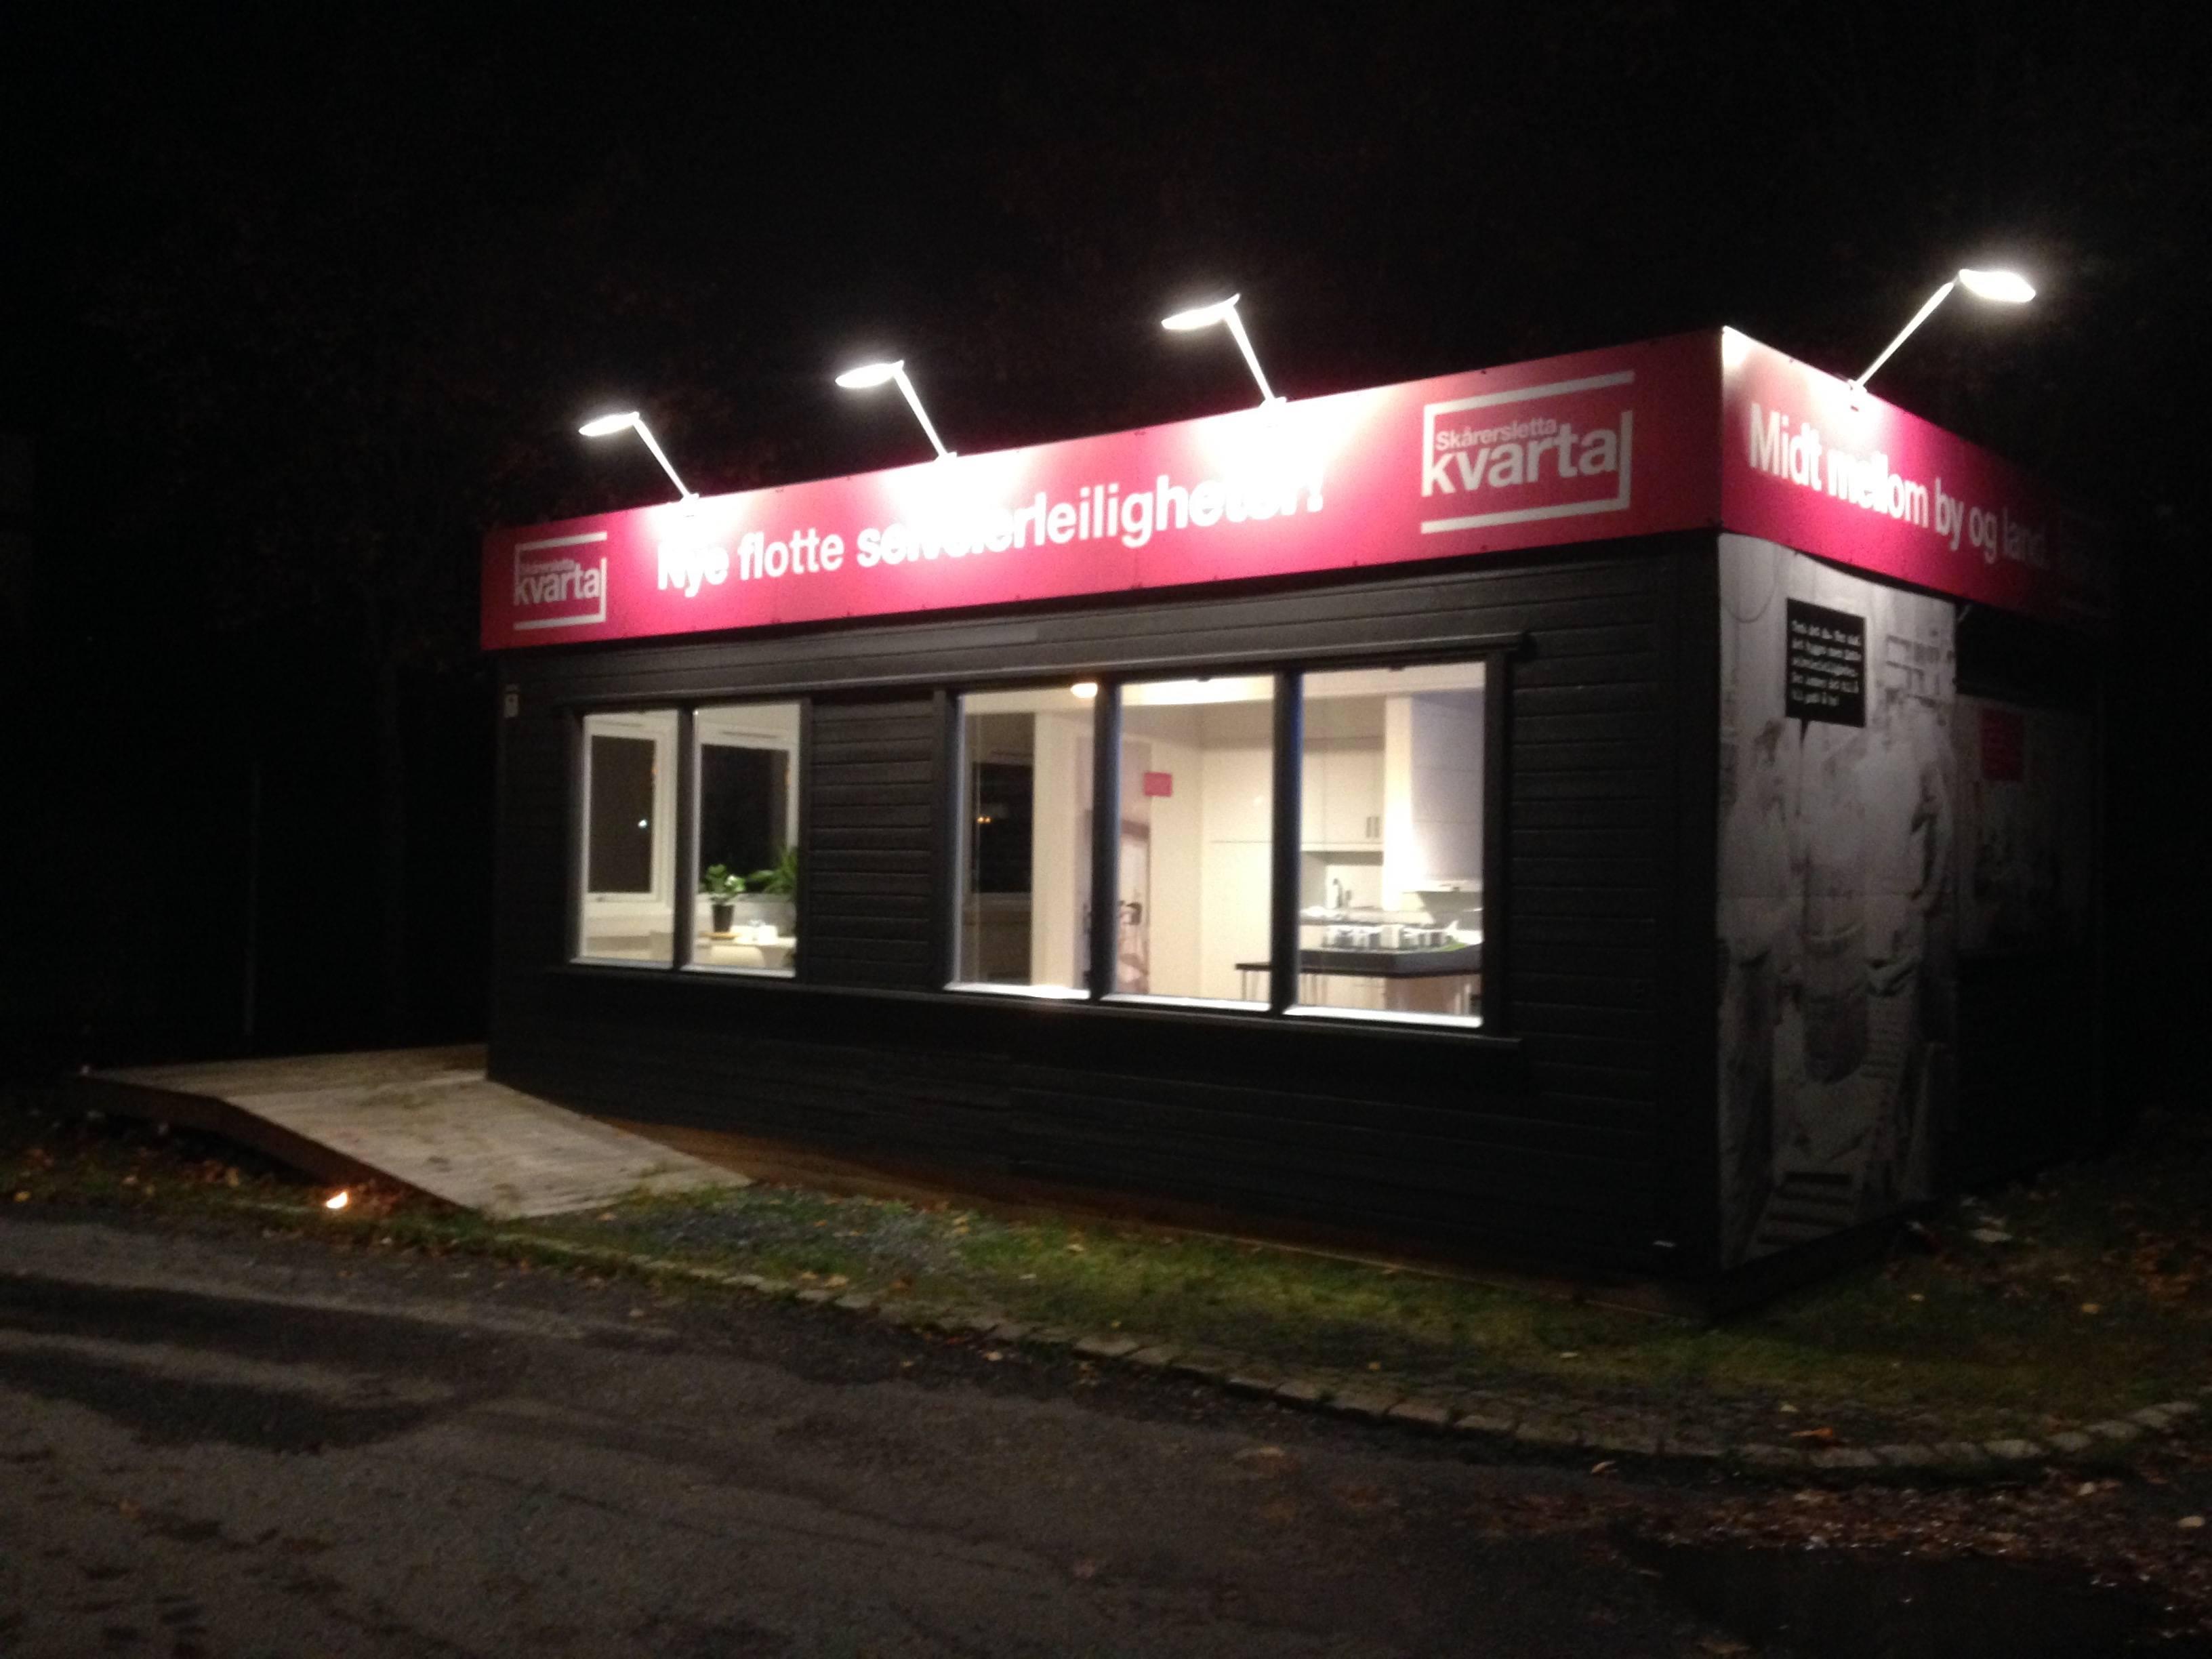 Bilde av visningssenteret by night laget av Oktan Oslo